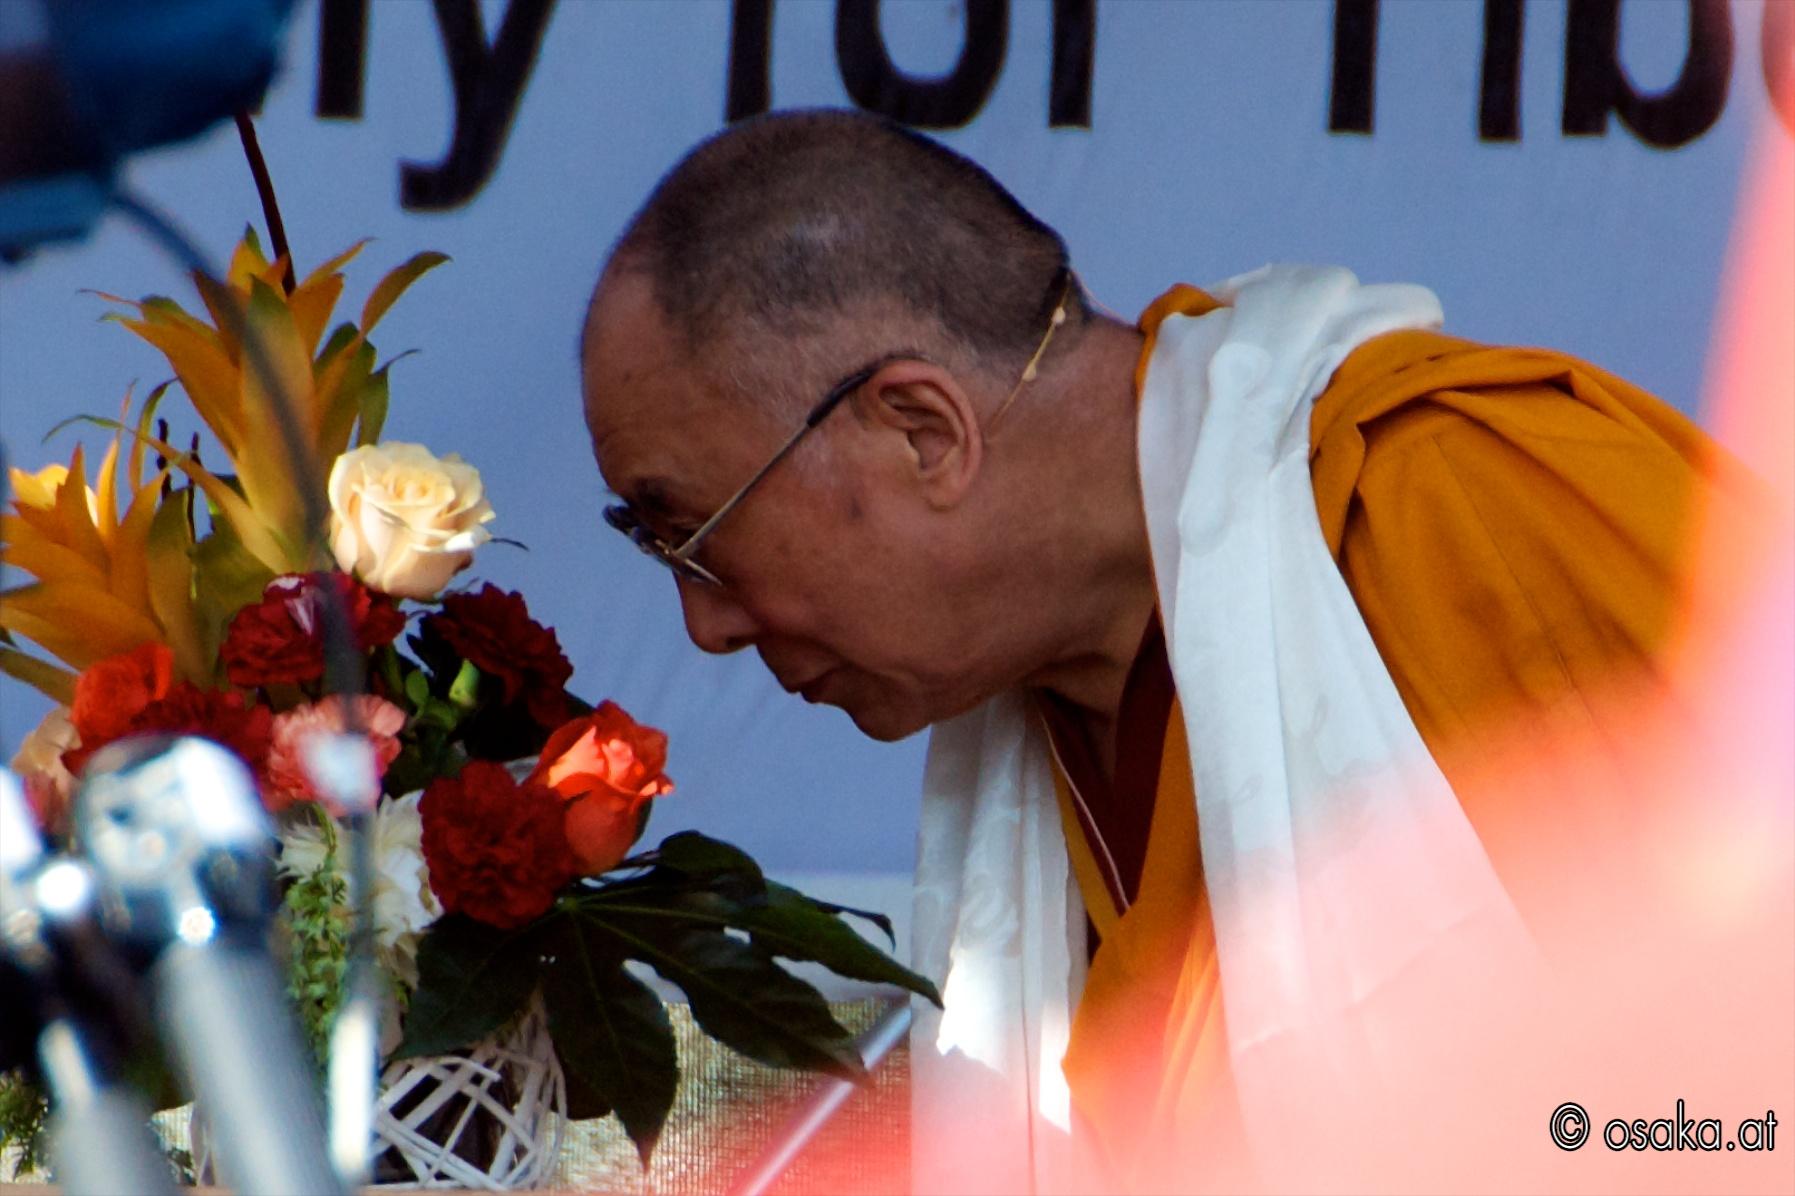 Dalai Lama am Heldenplatz